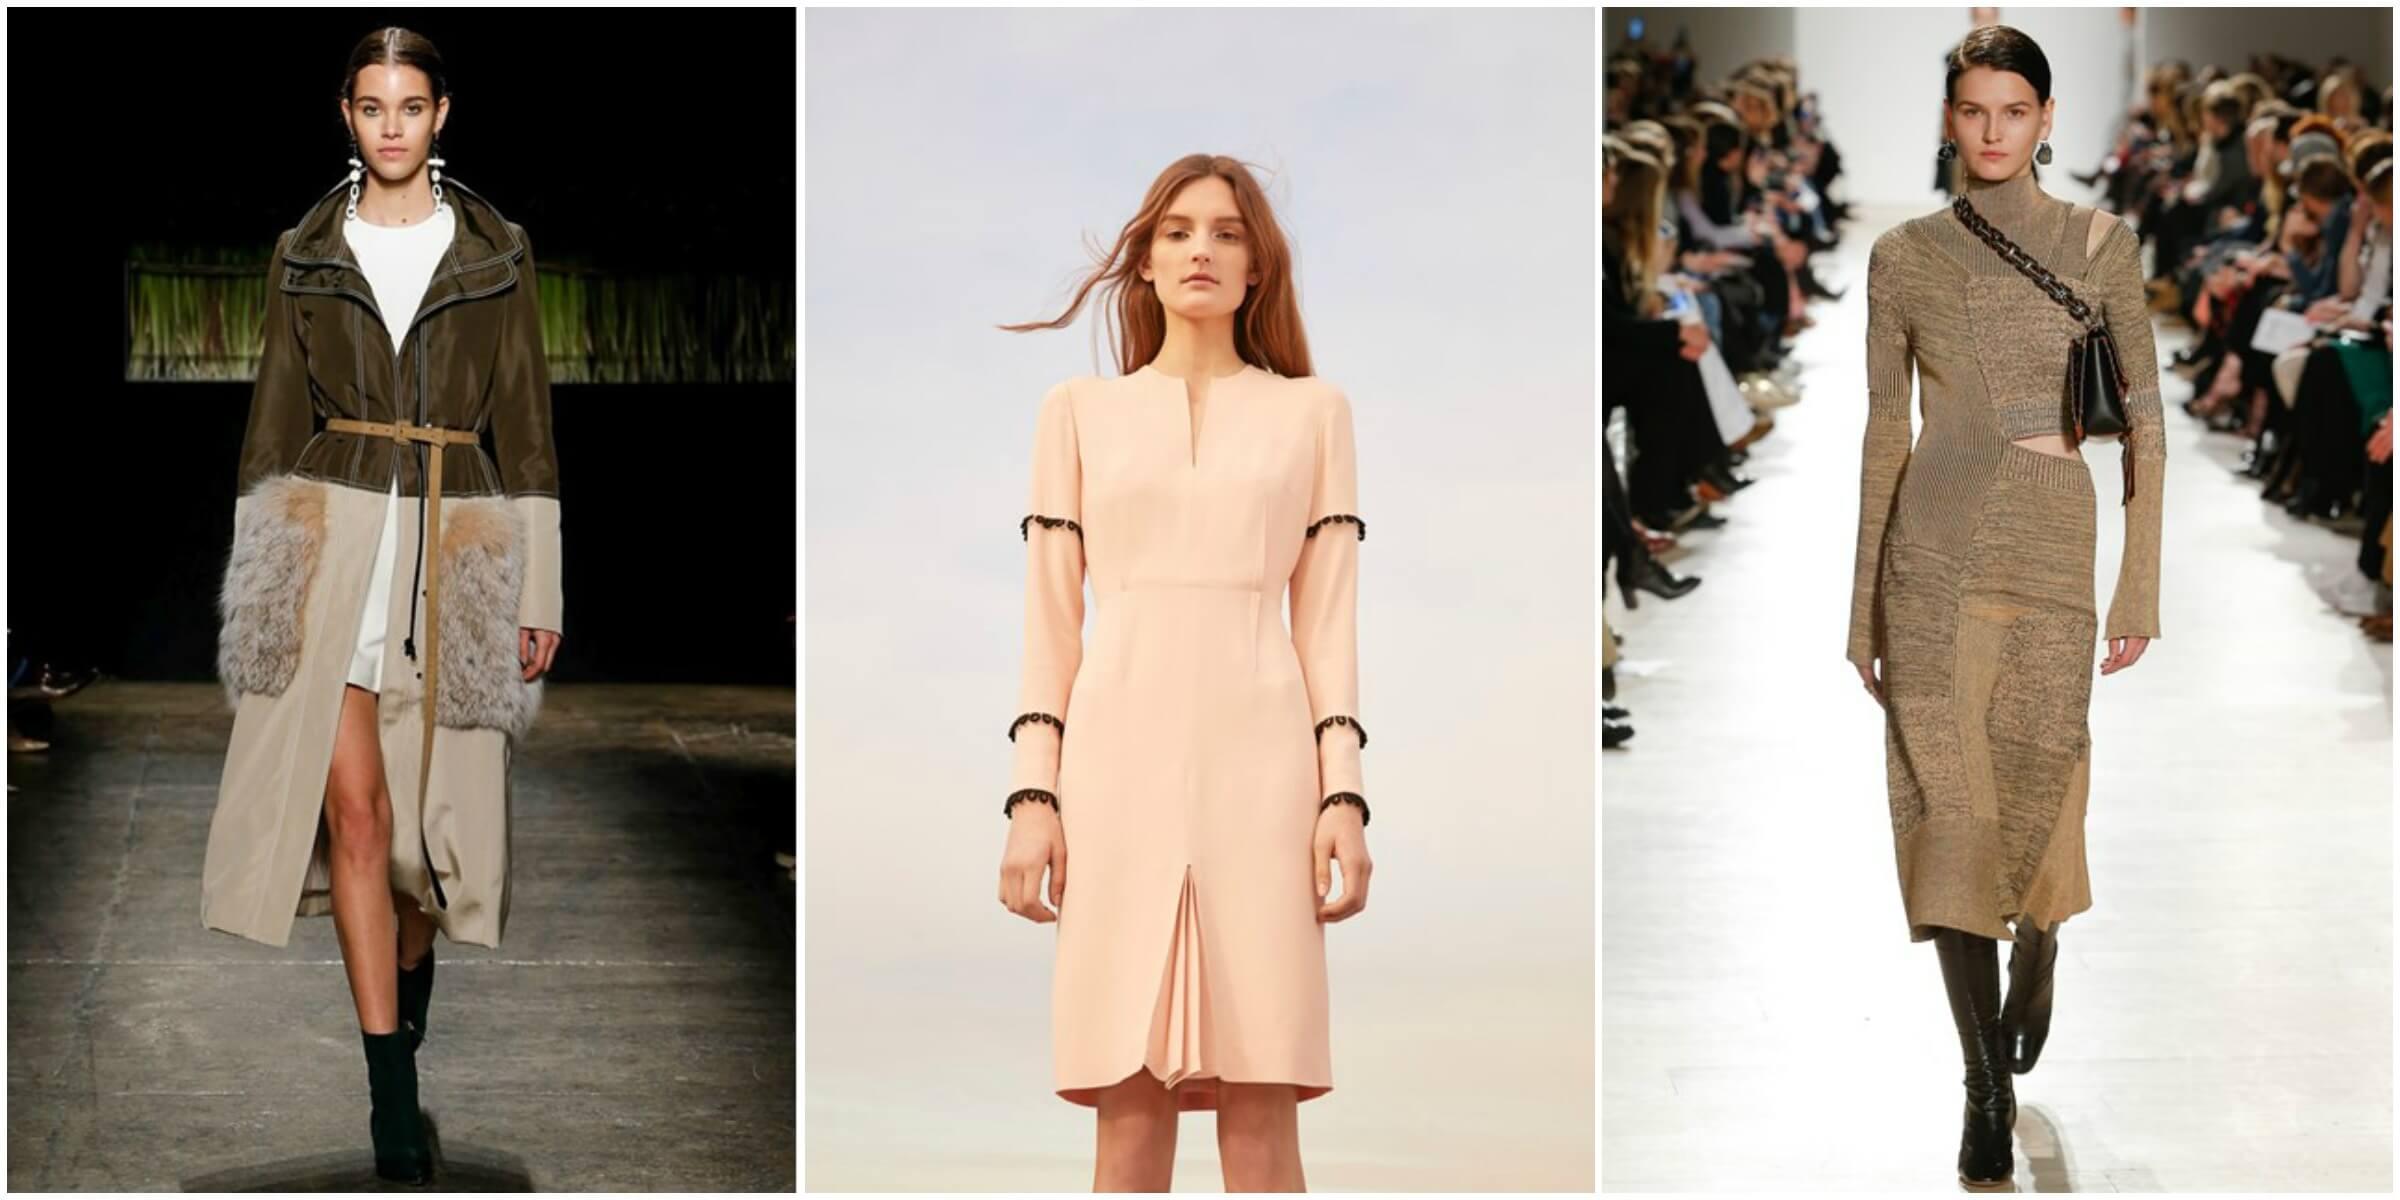 J Mendel FW16 via Vogue; Nellie Partow FW16 via Vogue; Proenza Schouler FW16 via Vogue